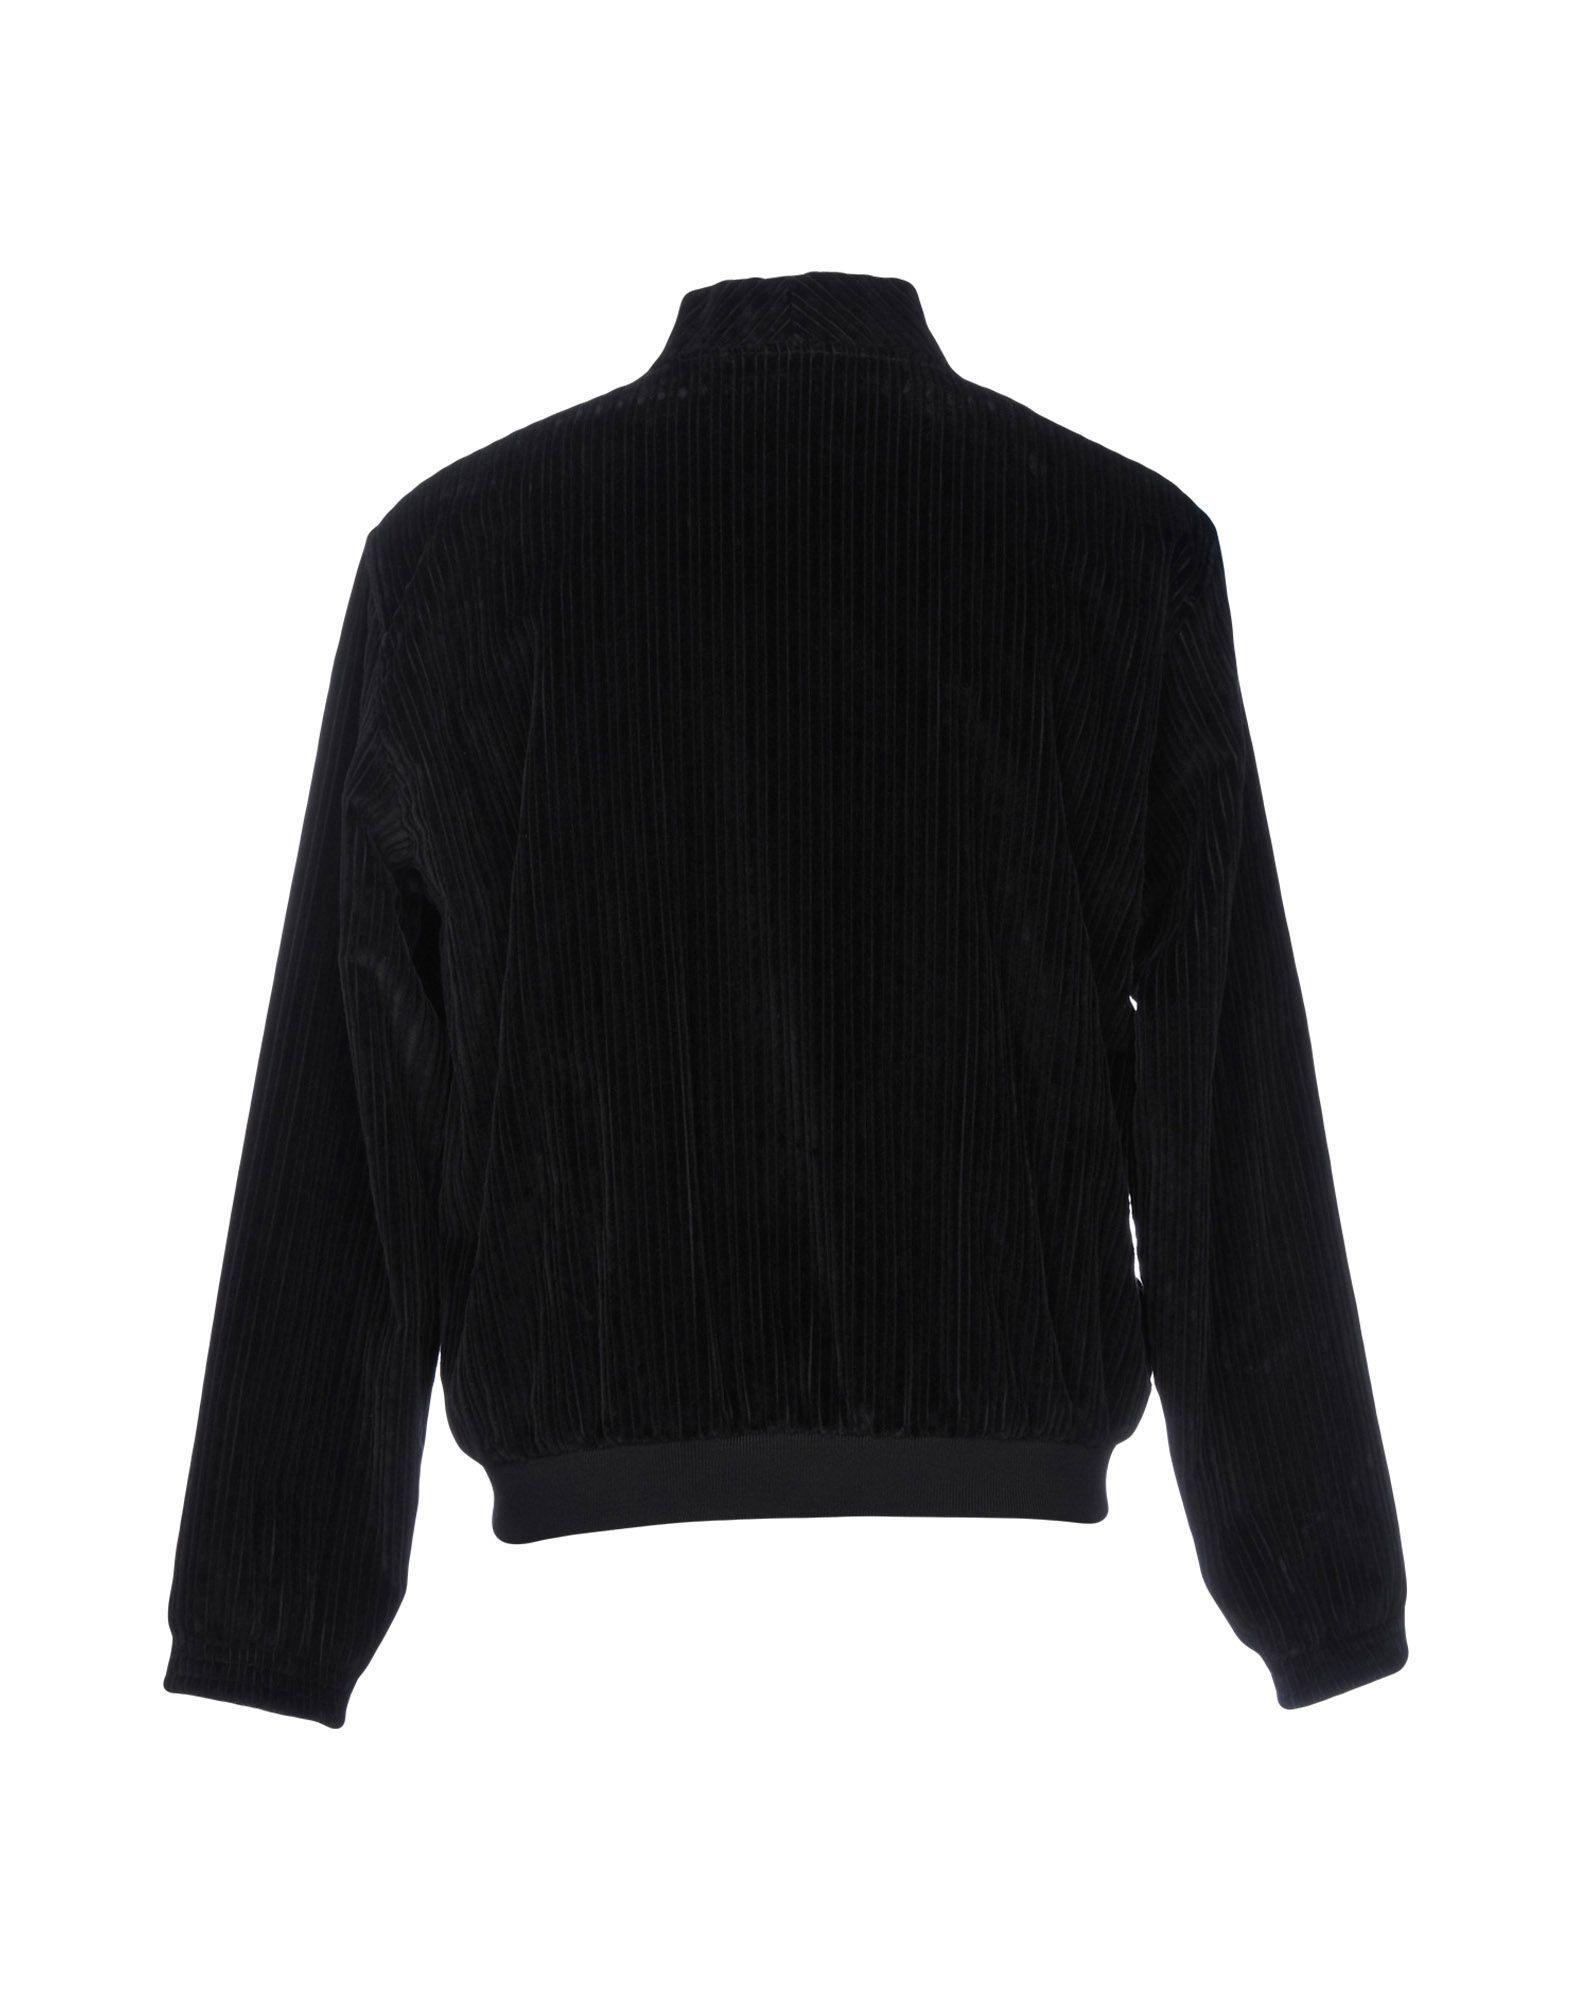 Paul & Joe Velvet Jacket in Black for Men